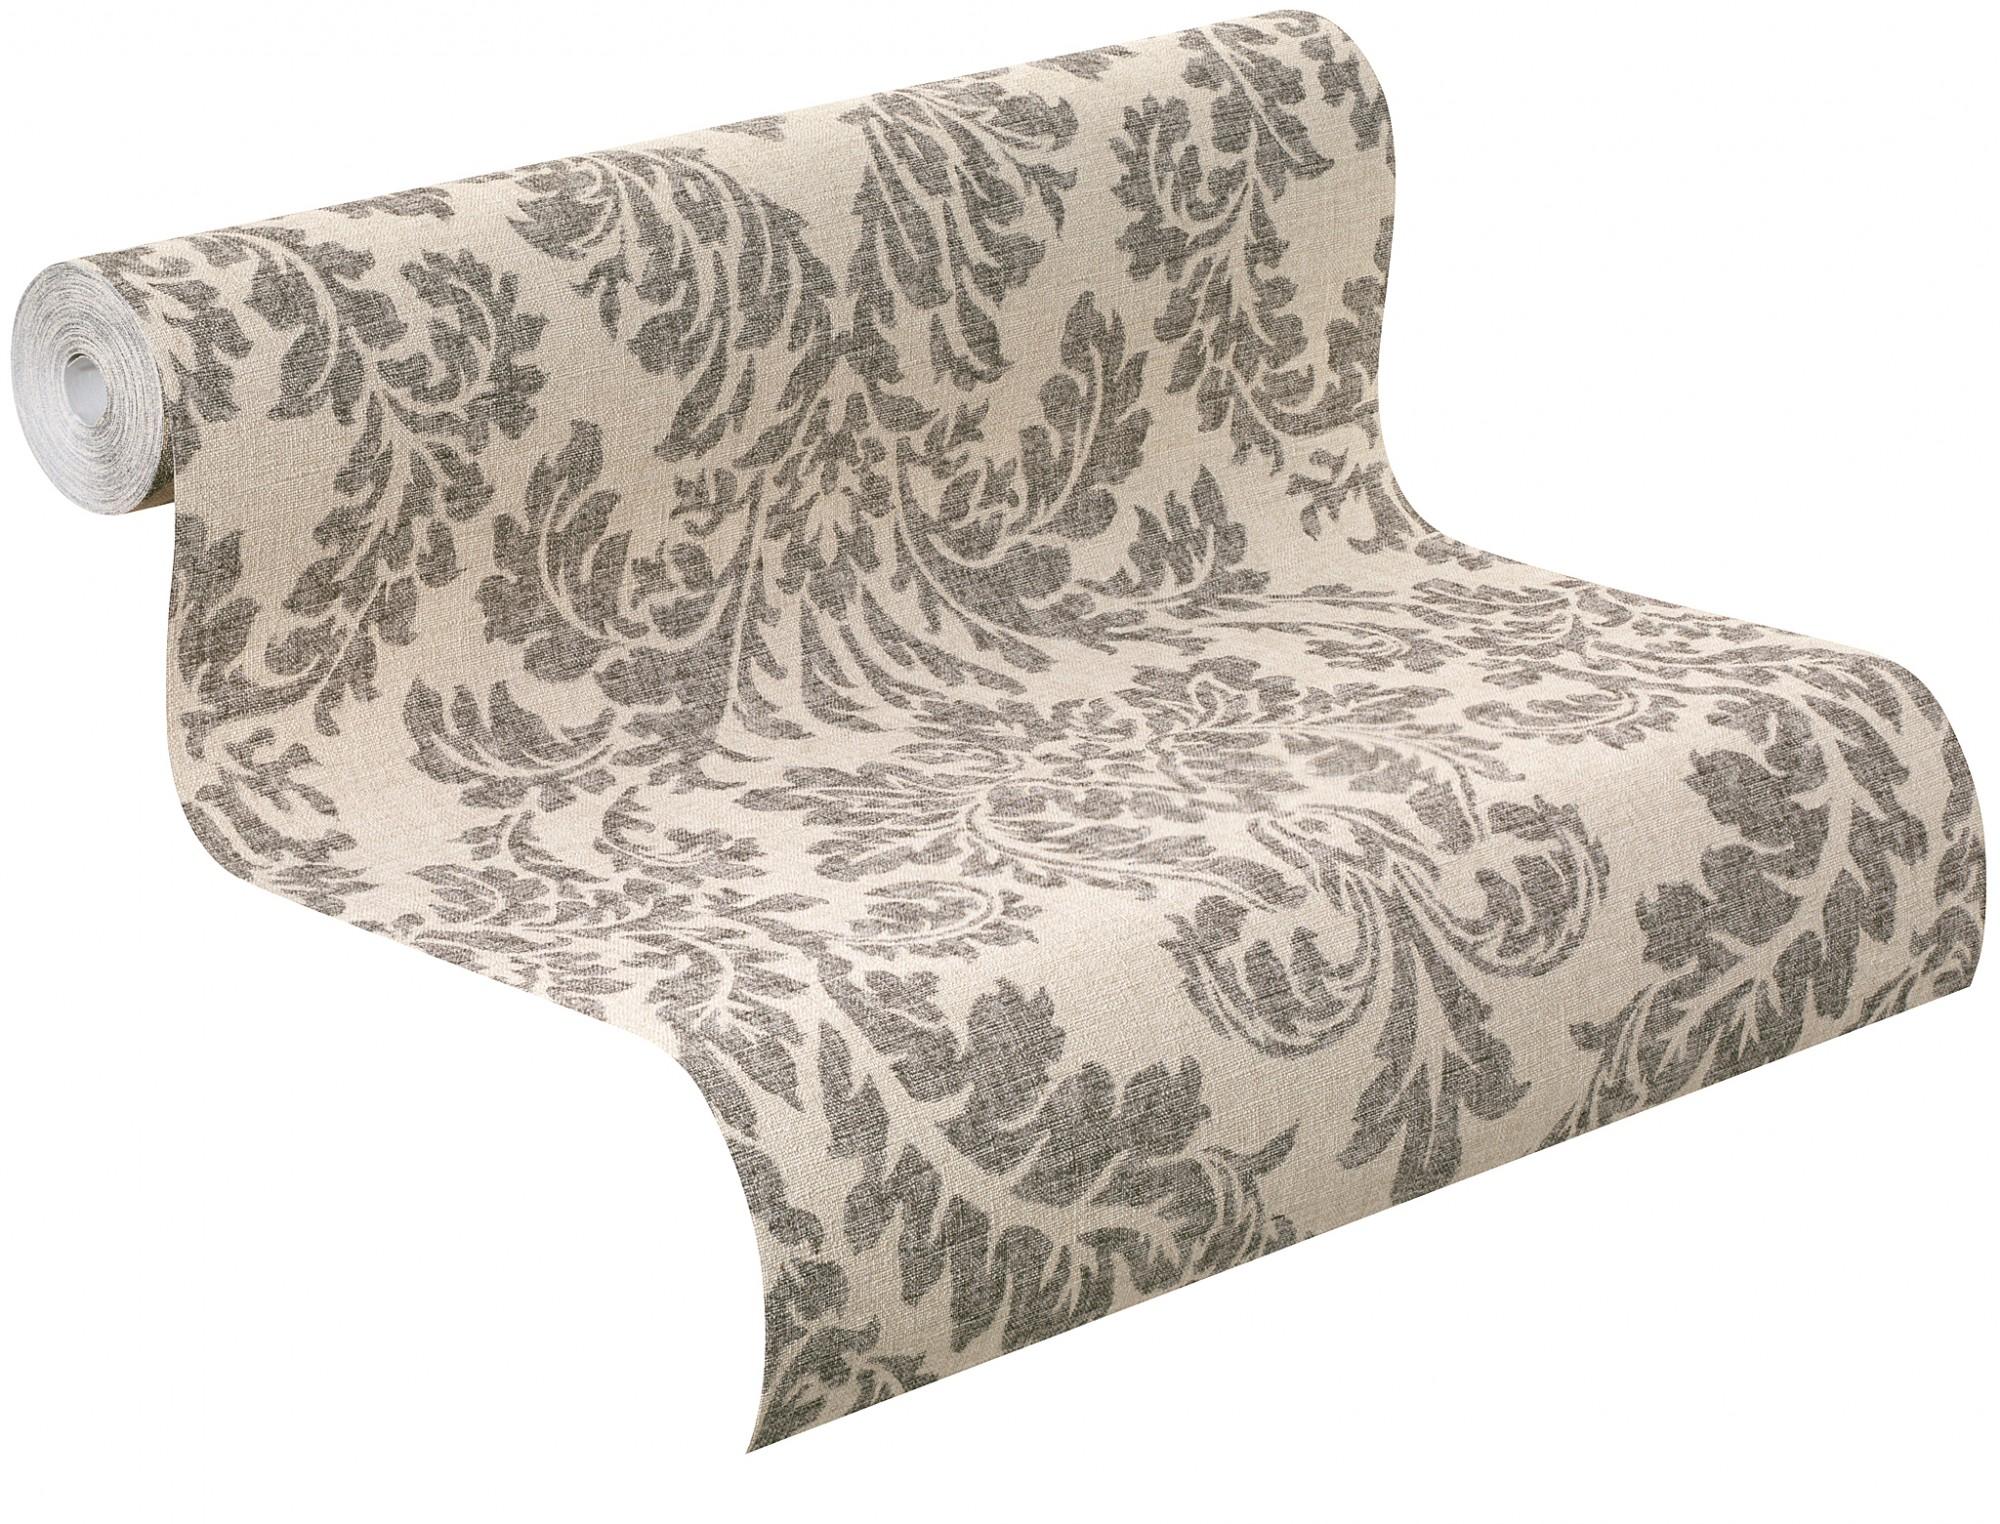 rasch tapete vlies florentine ornamente beige schwarz. Black Bedroom Furniture Sets. Home Design Ideas